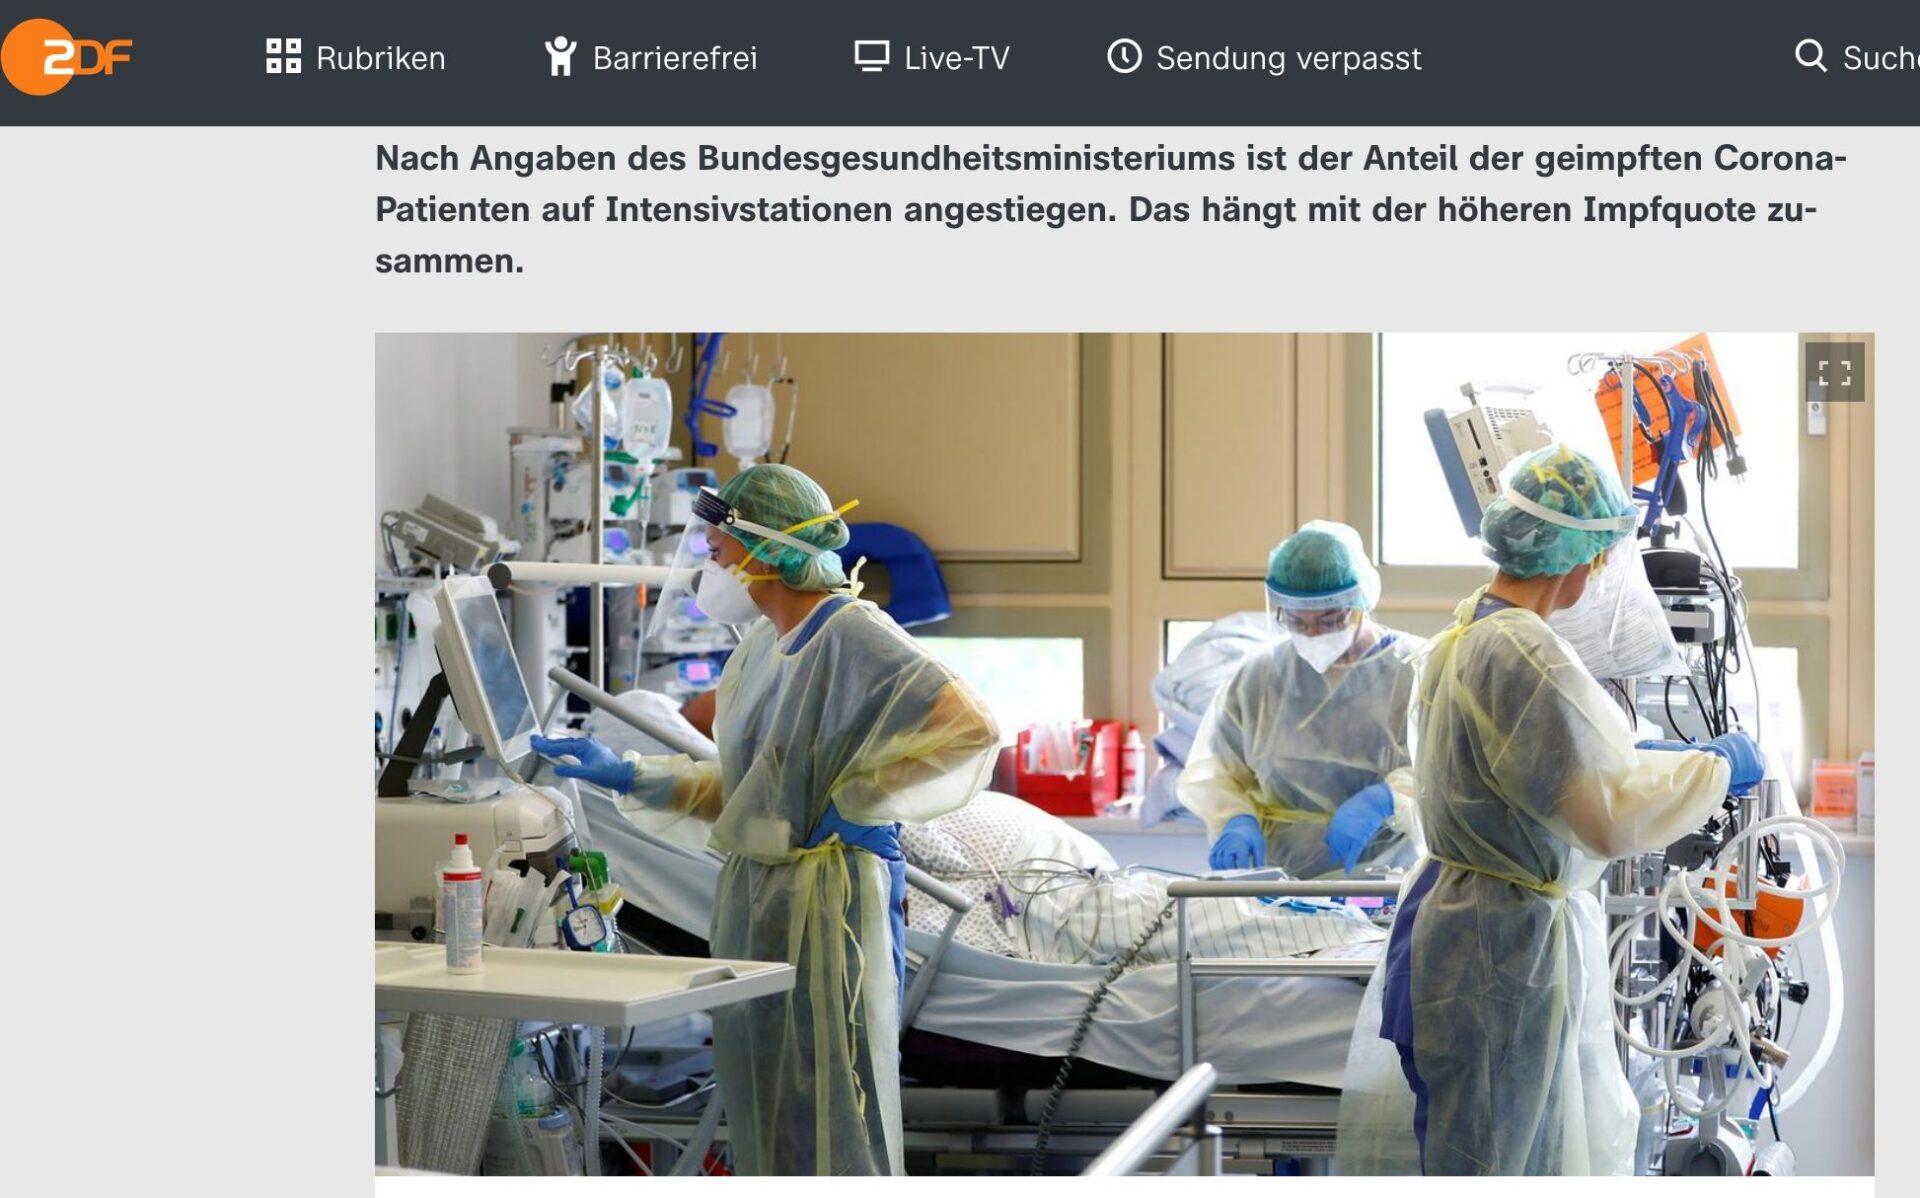 geschoente-berichterstattung-beim-zdf:-aktuell-sind-deutlich-mehr-geimpfte-patienten-auf-intensiv-als-dargestellt